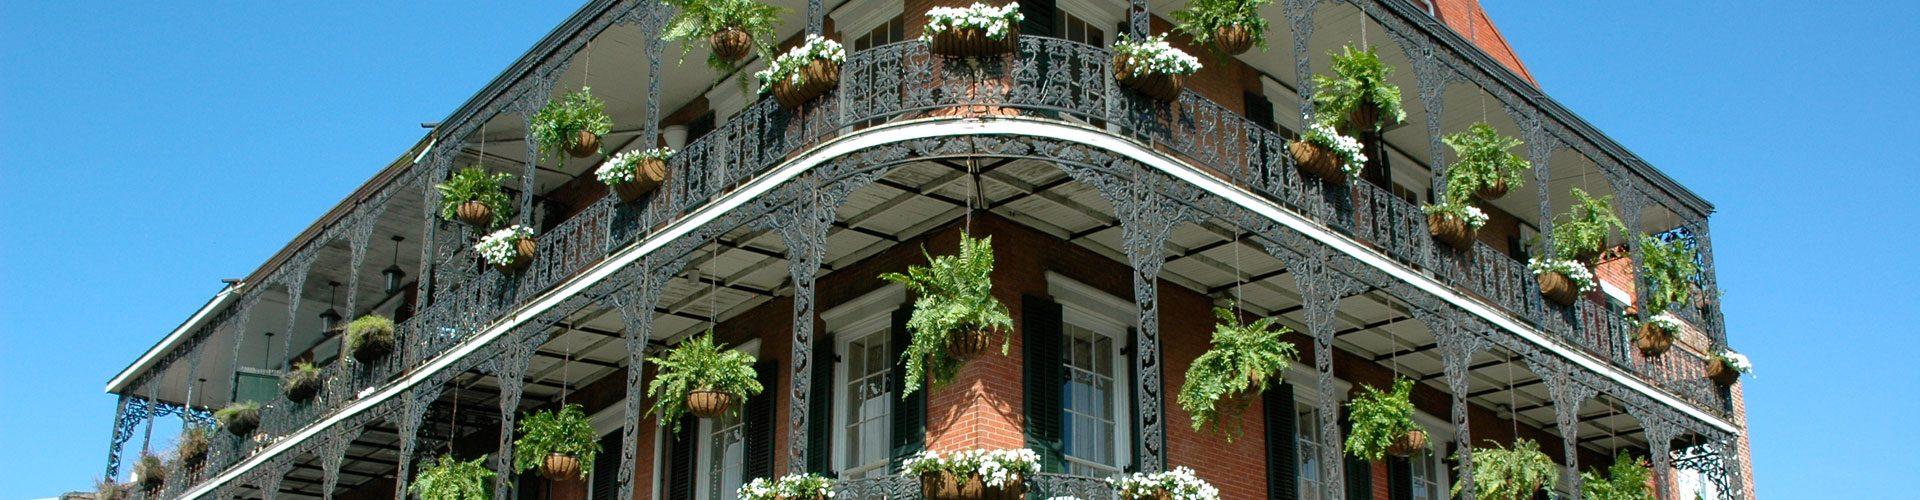 Die schmiedeeisernen Balkone des French Qurater, New Orleans